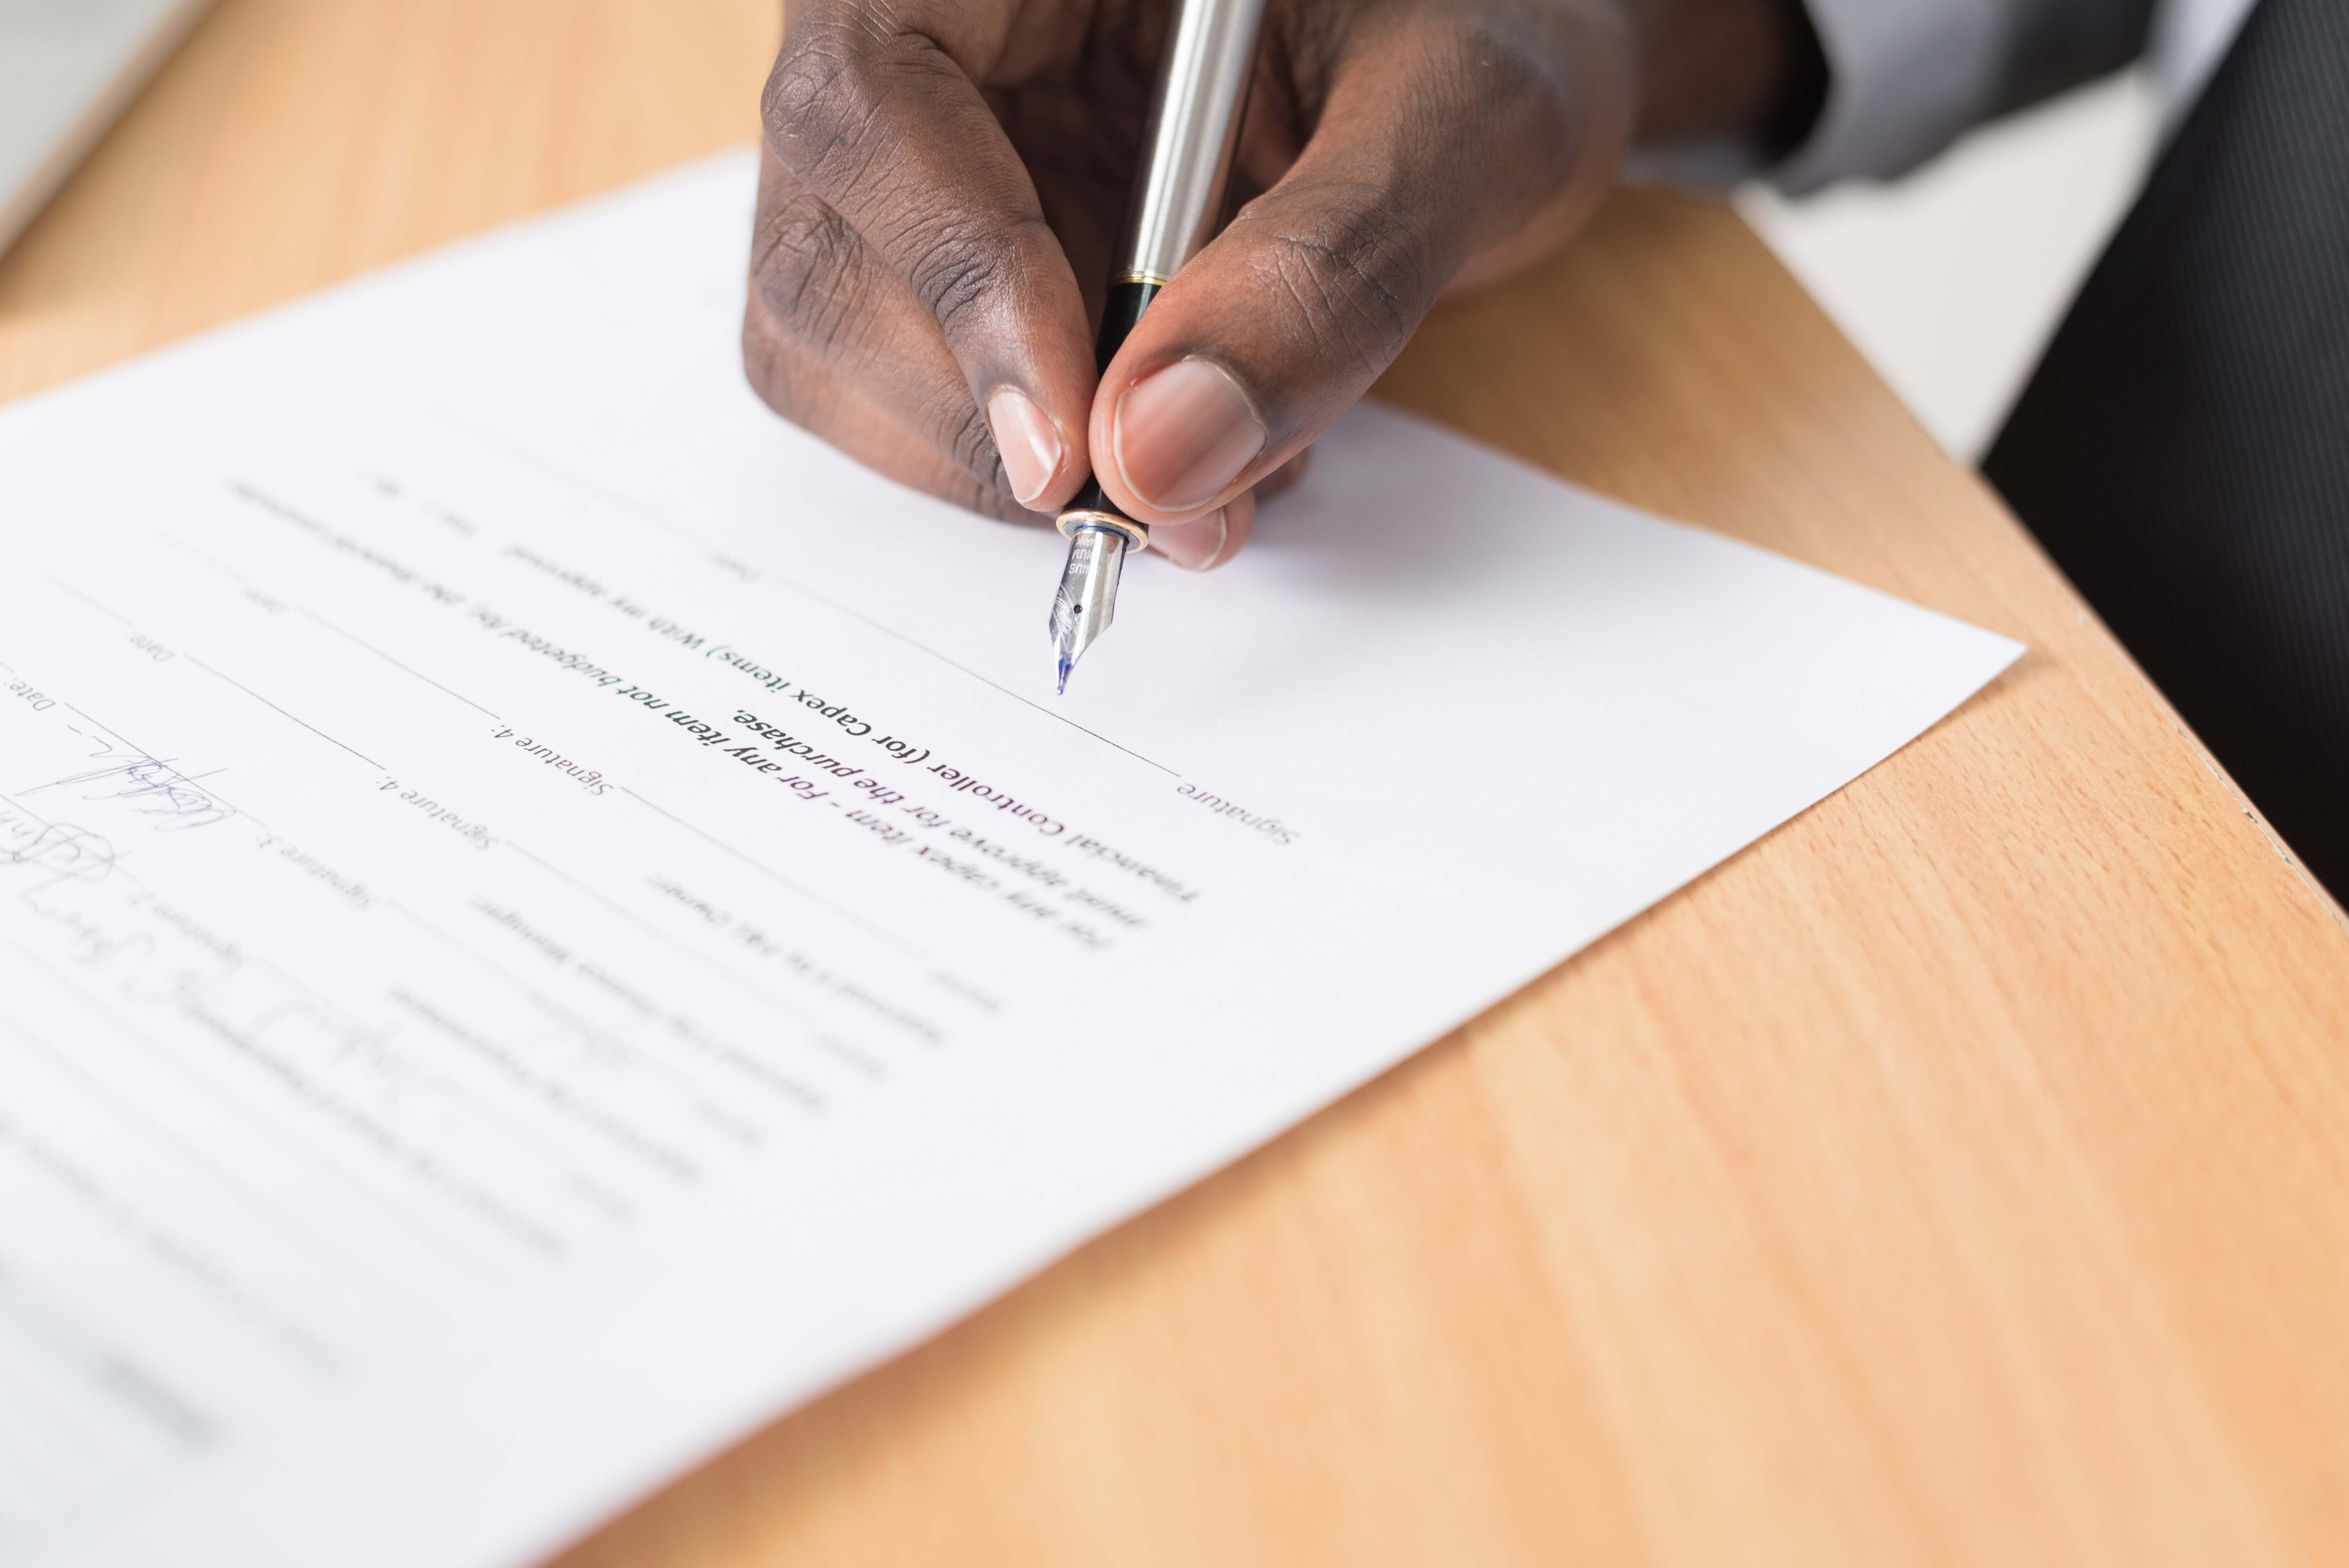 Agila kontrakt och agila avtal